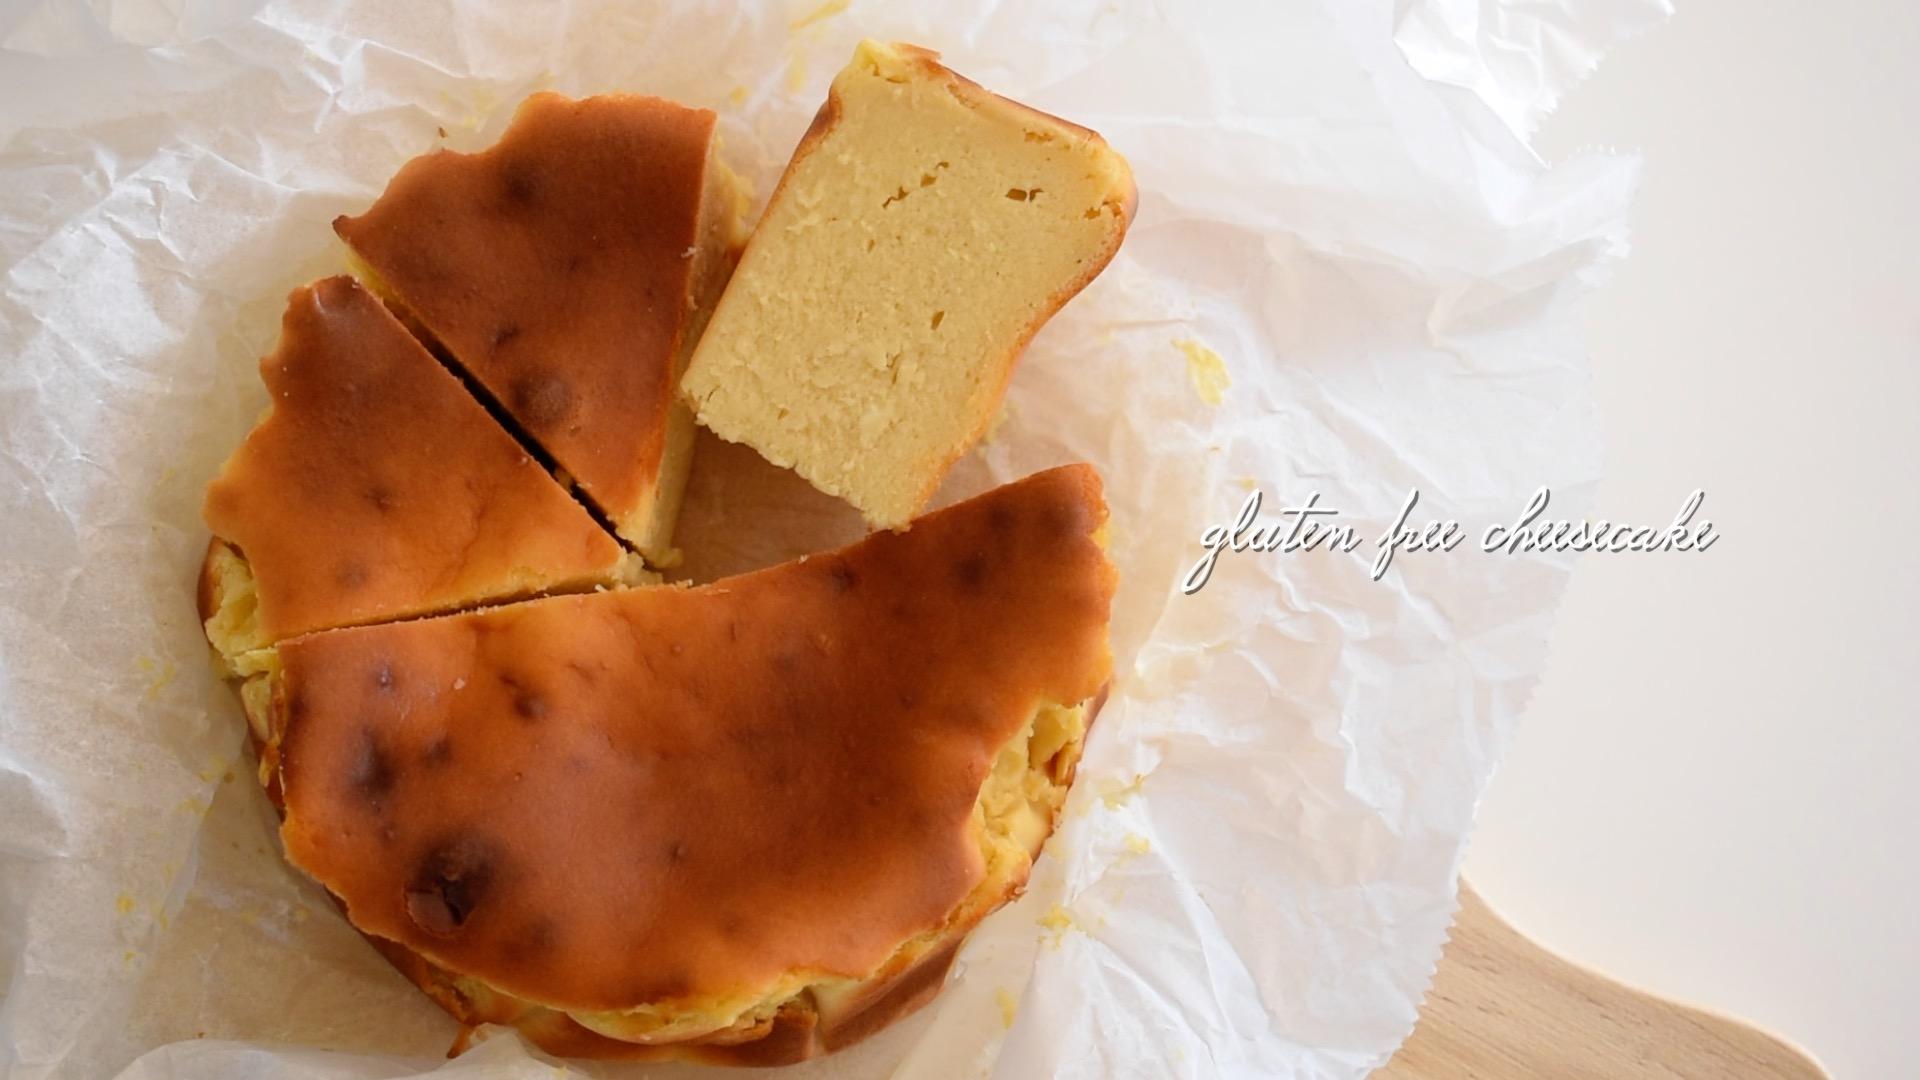 ベビーチーズでお手軽♪米粉のチーズケーキ【クリームチーズ・生クリームなし】